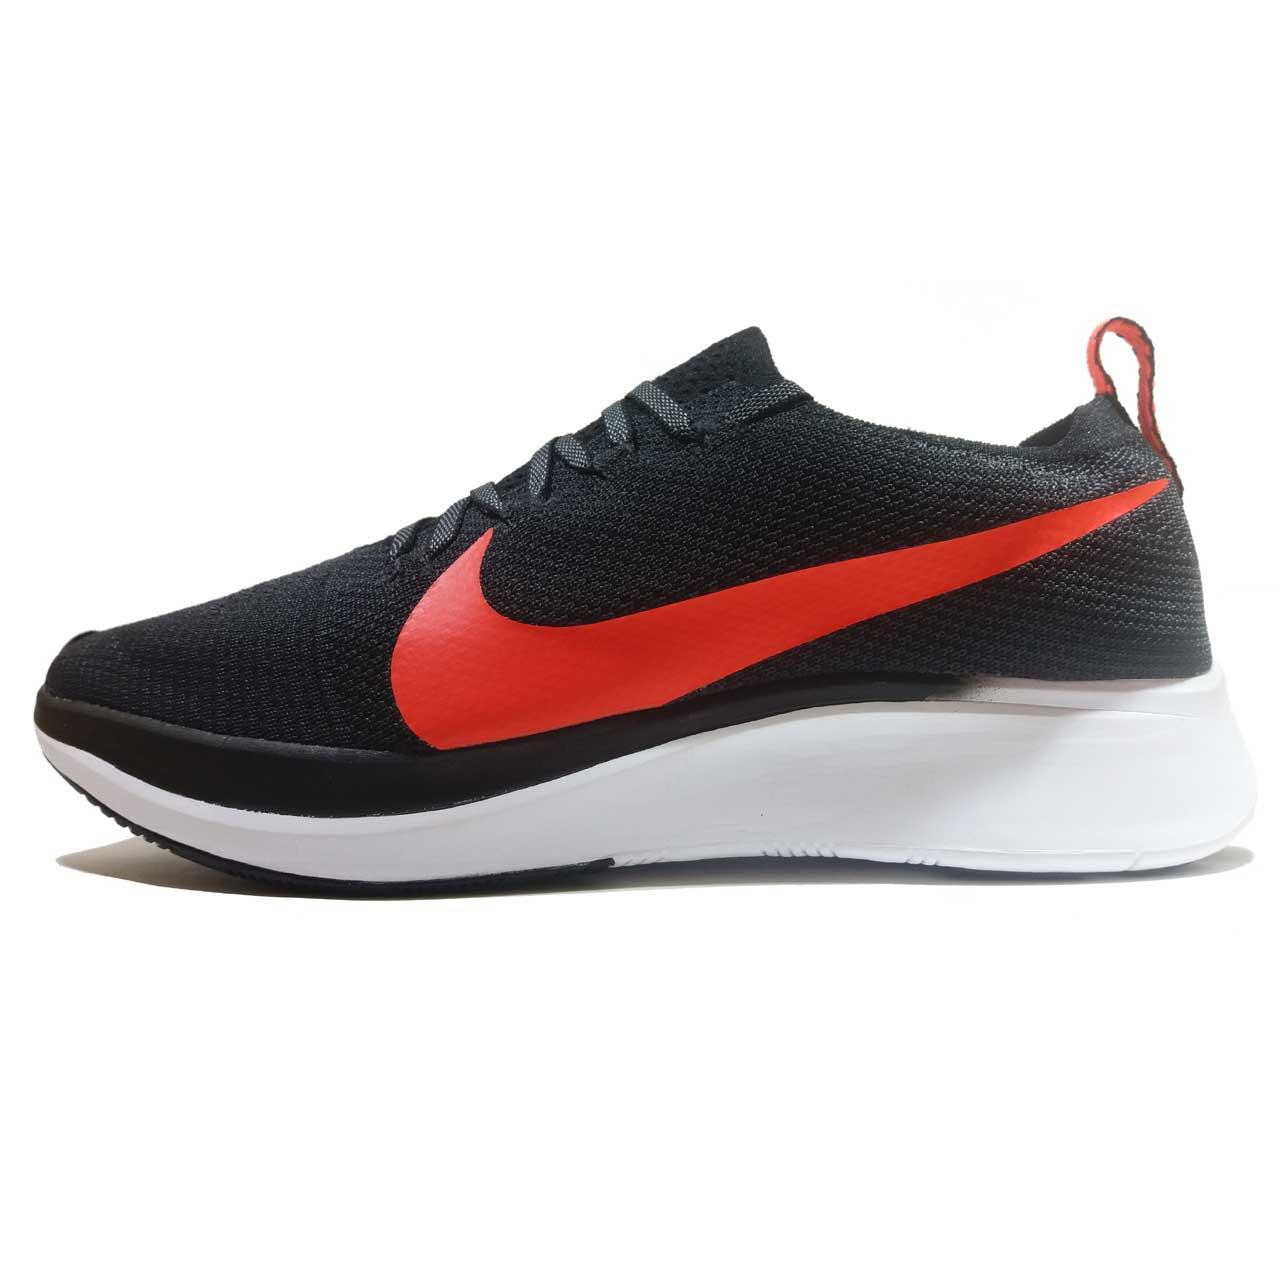 قیمت کفش مخصوص دویدن مردانه مدل Zoom FLY FK